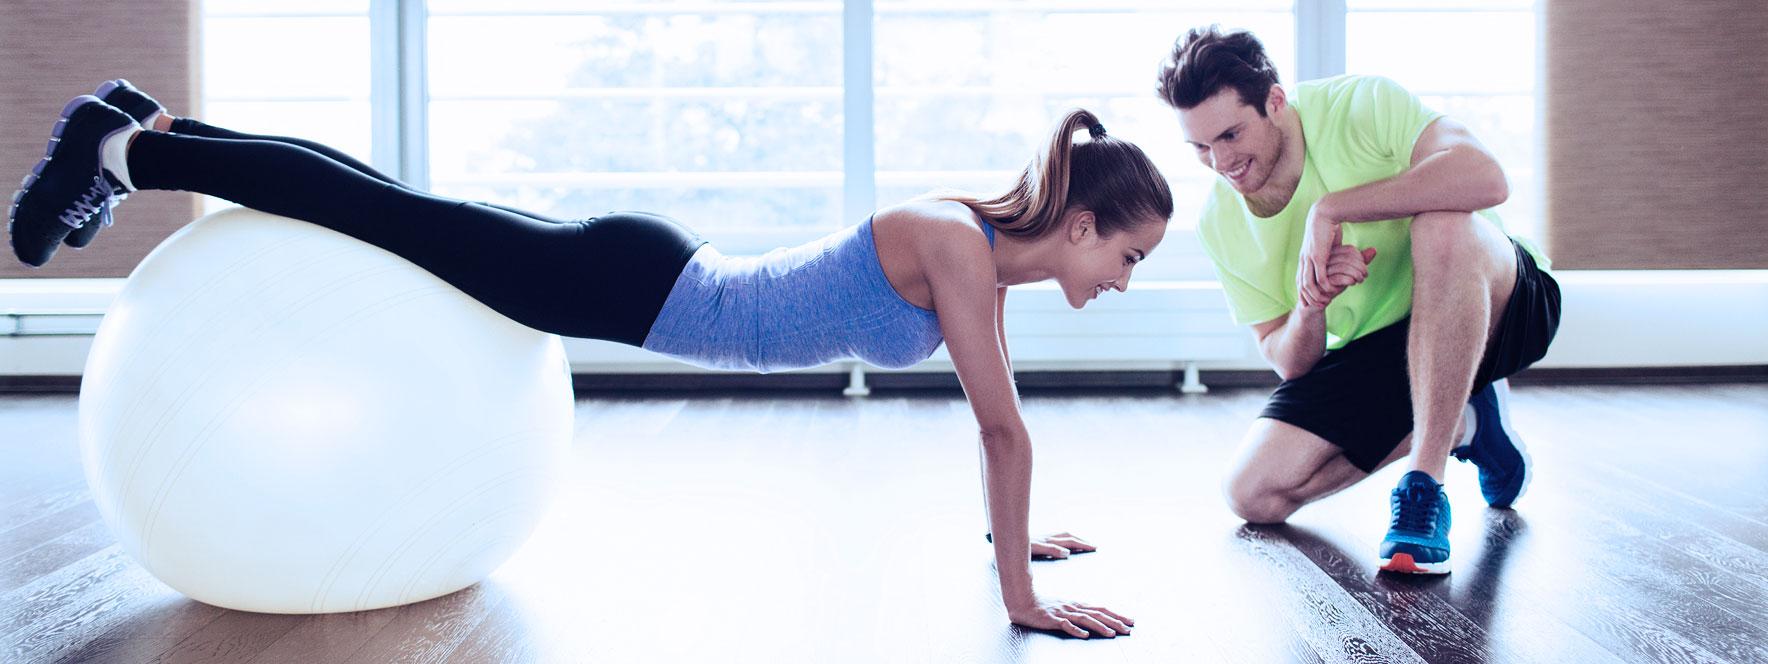 Pratiquer de l'activité physique… à bonne dose | Réseau des massothérapeutes